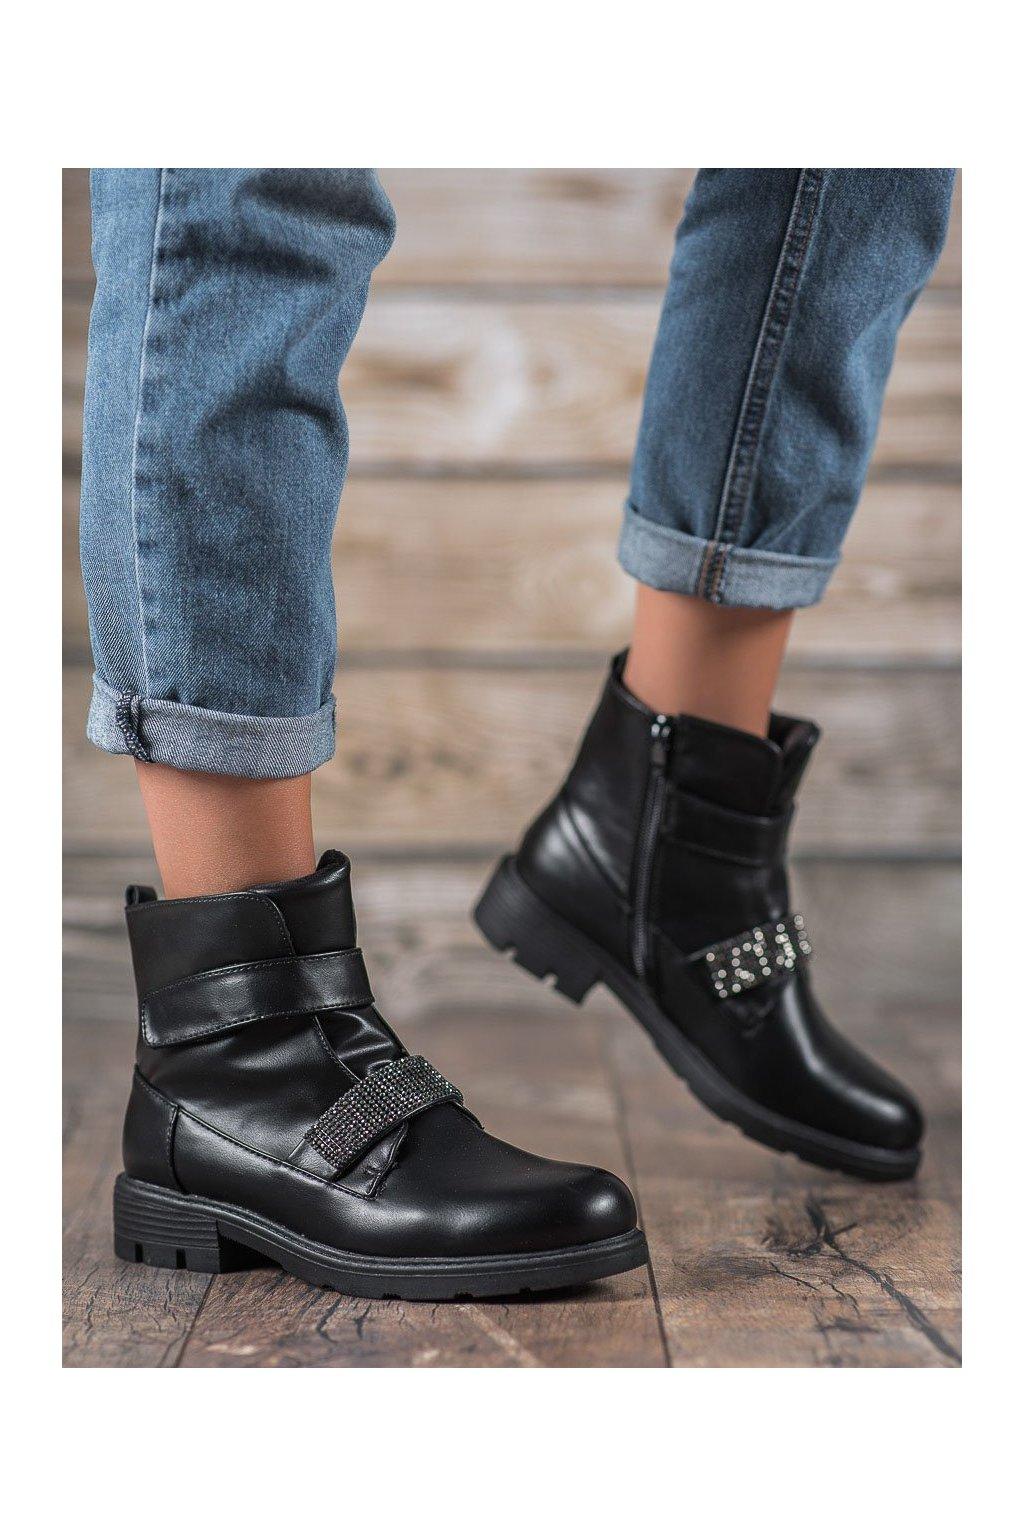 Čierne dámske topánky Evento kod 7BT35-0006B